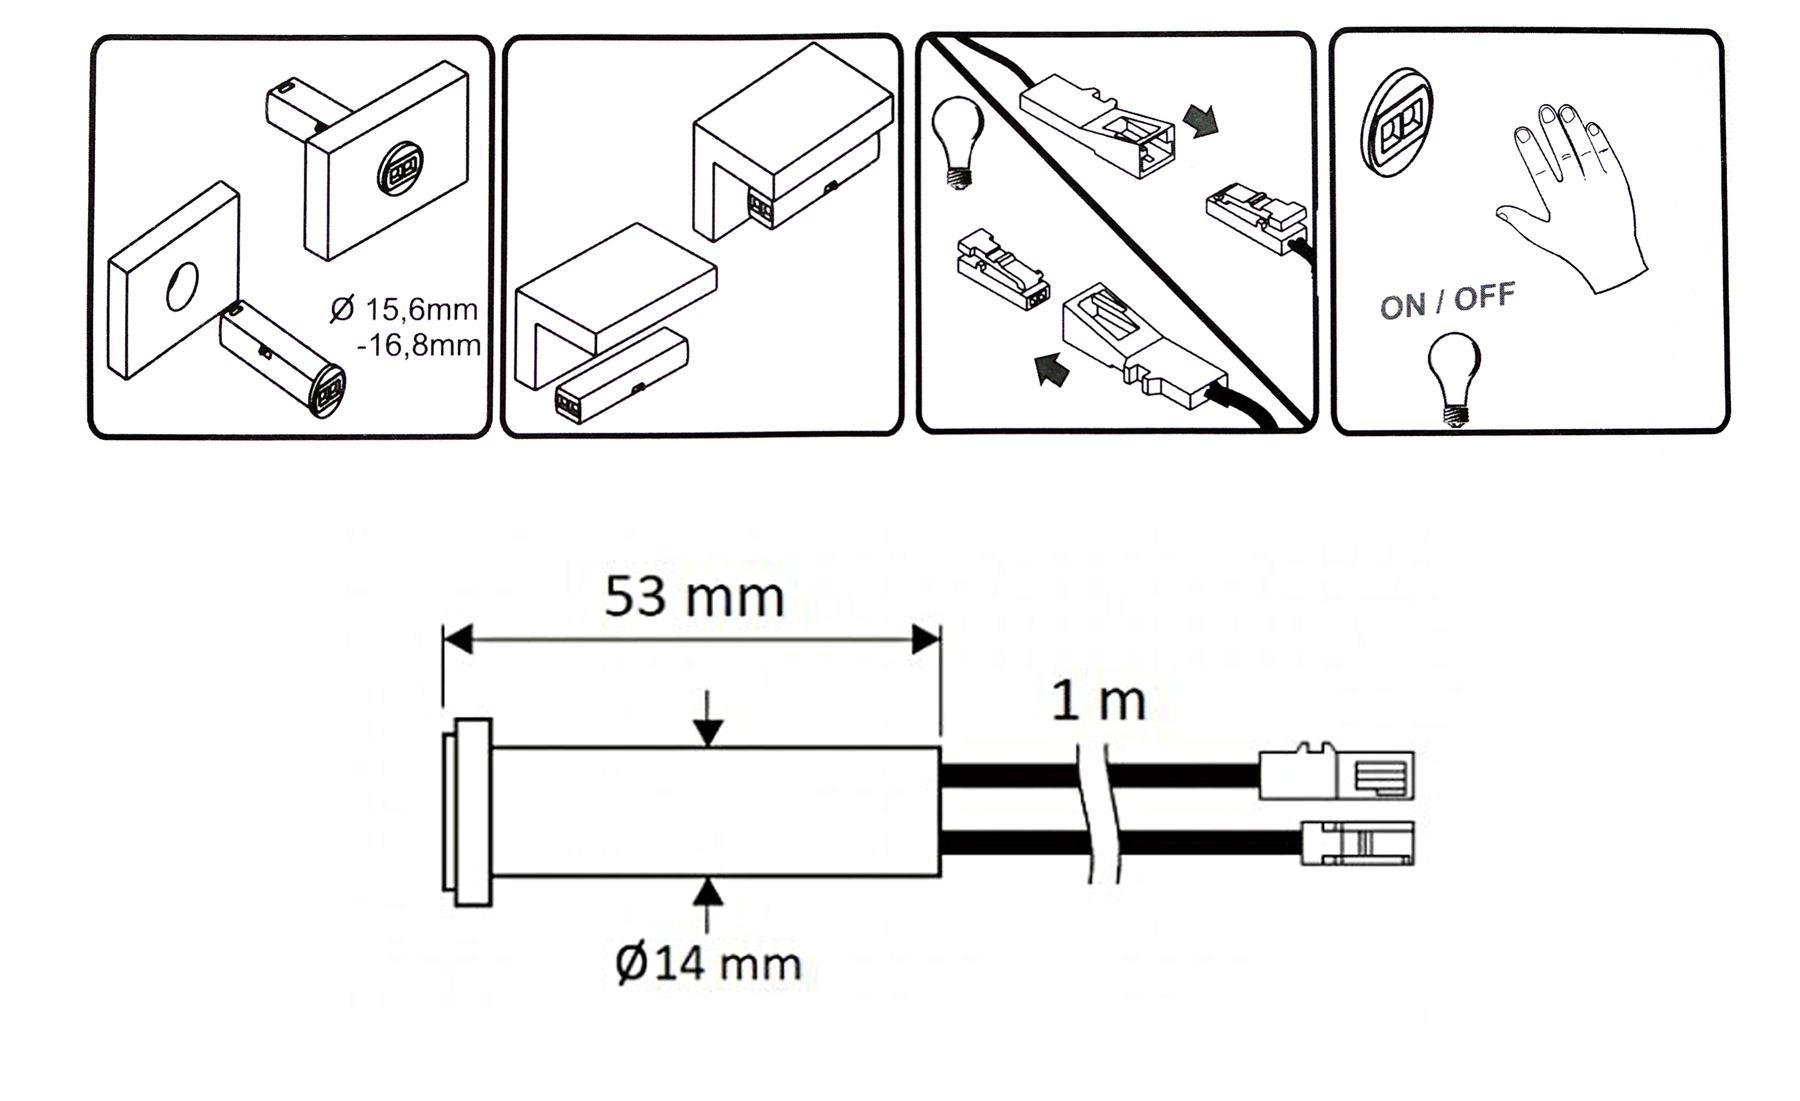 Indoor-DC-12V-24W-IR-Infrared-Motion-Sensor-Switch-for-LED-Light-White-Black thumbnail 7